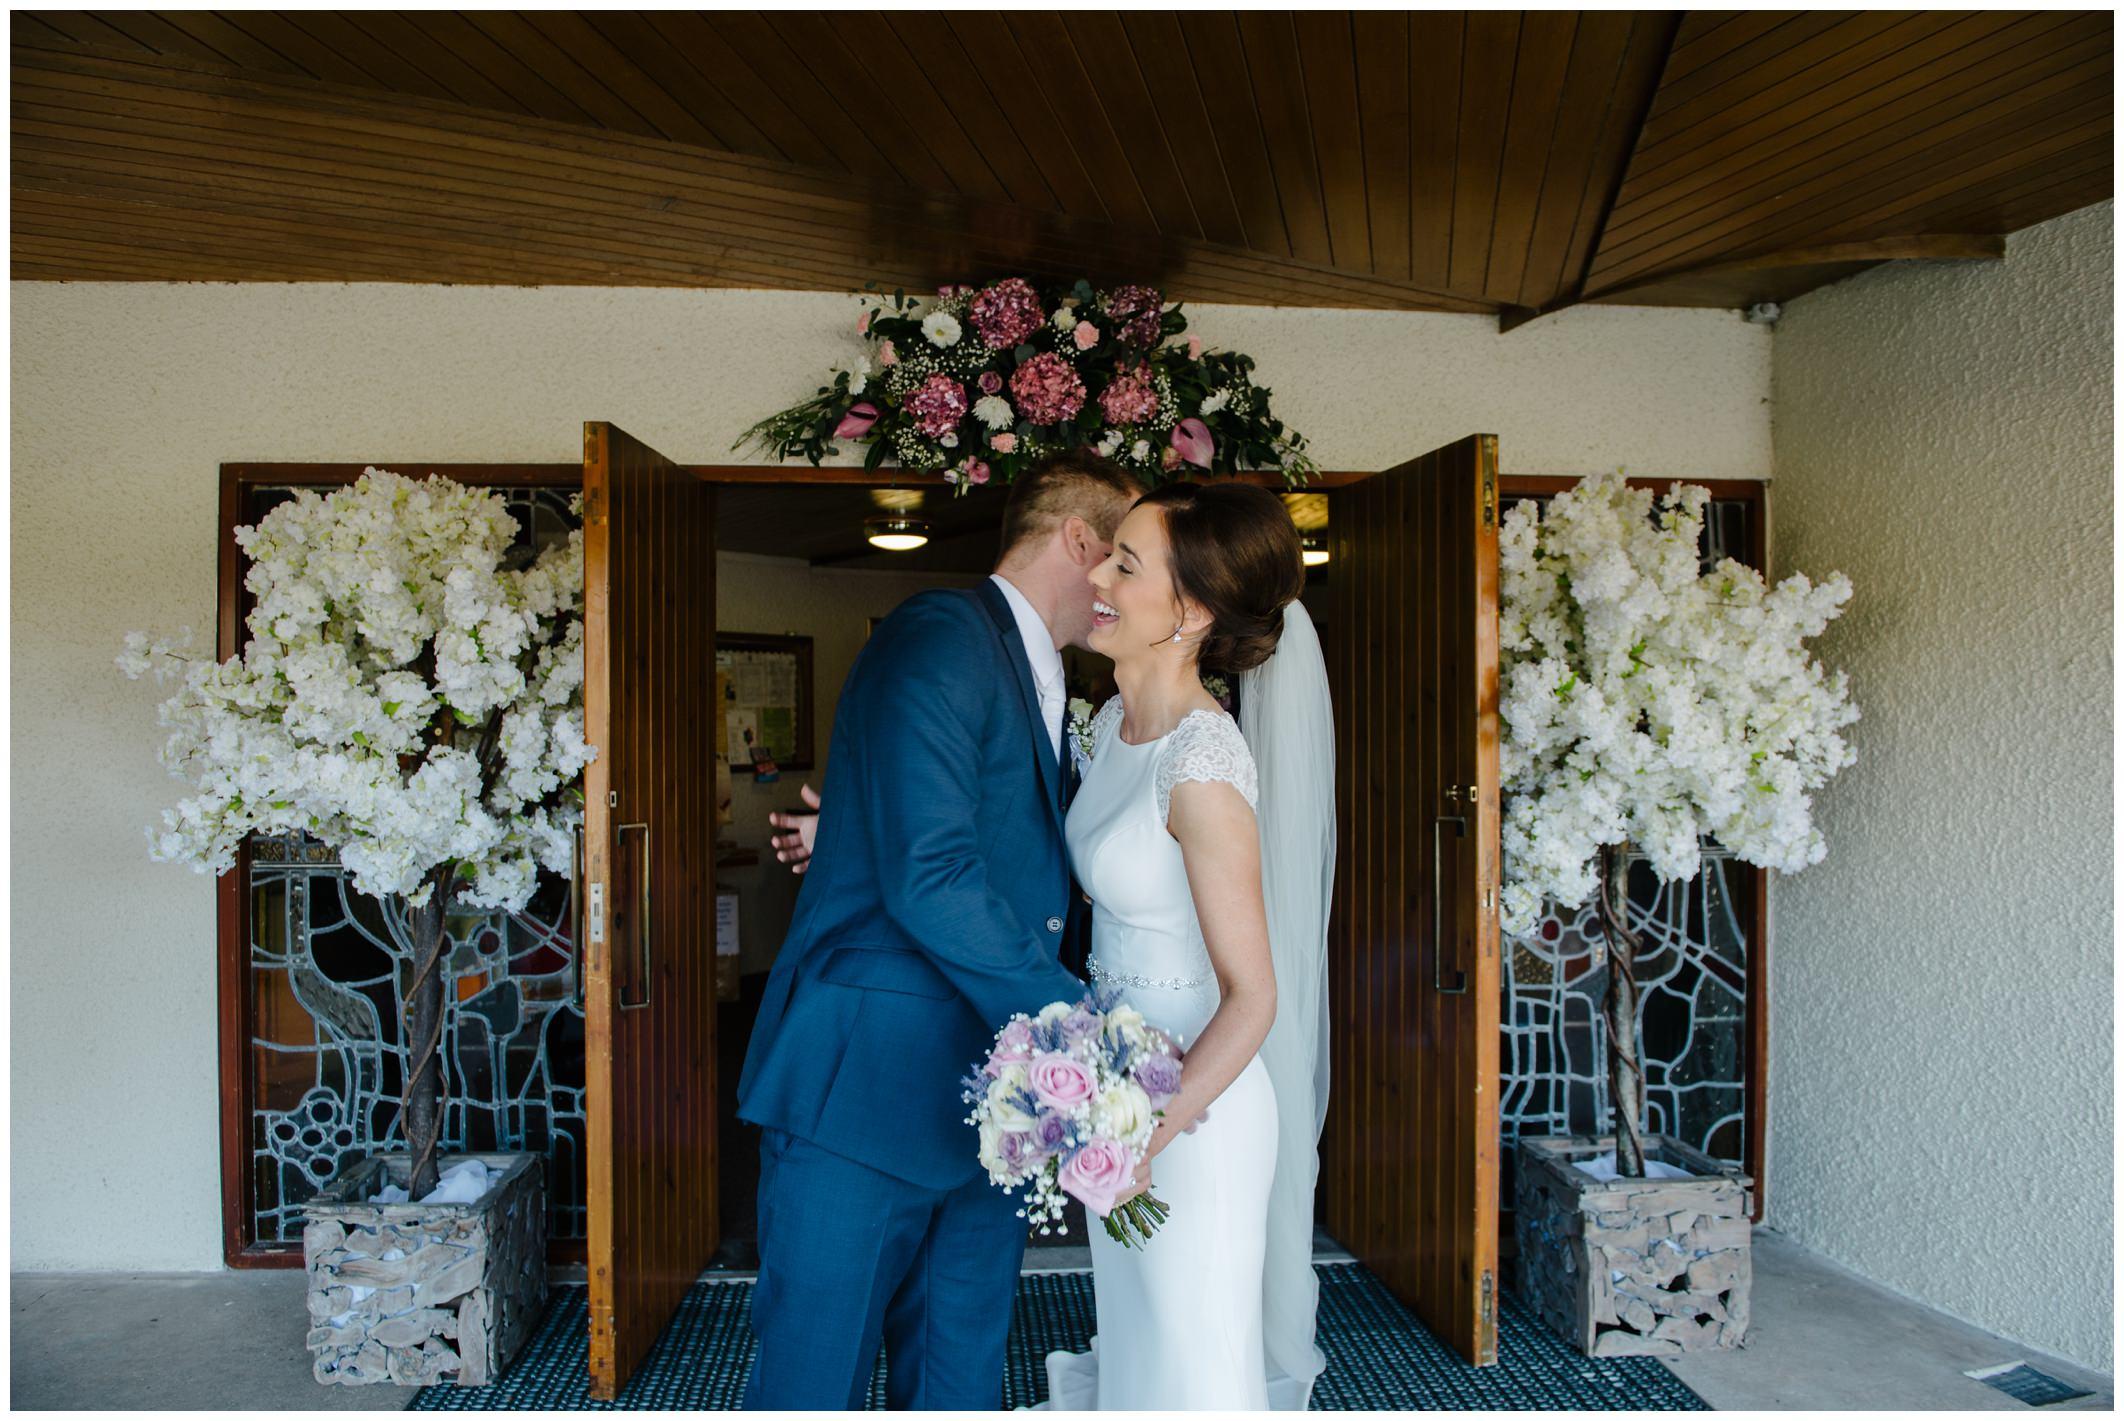 nicola_colm_villa_rose_wedding_jude_browne_photography_0052.jpg